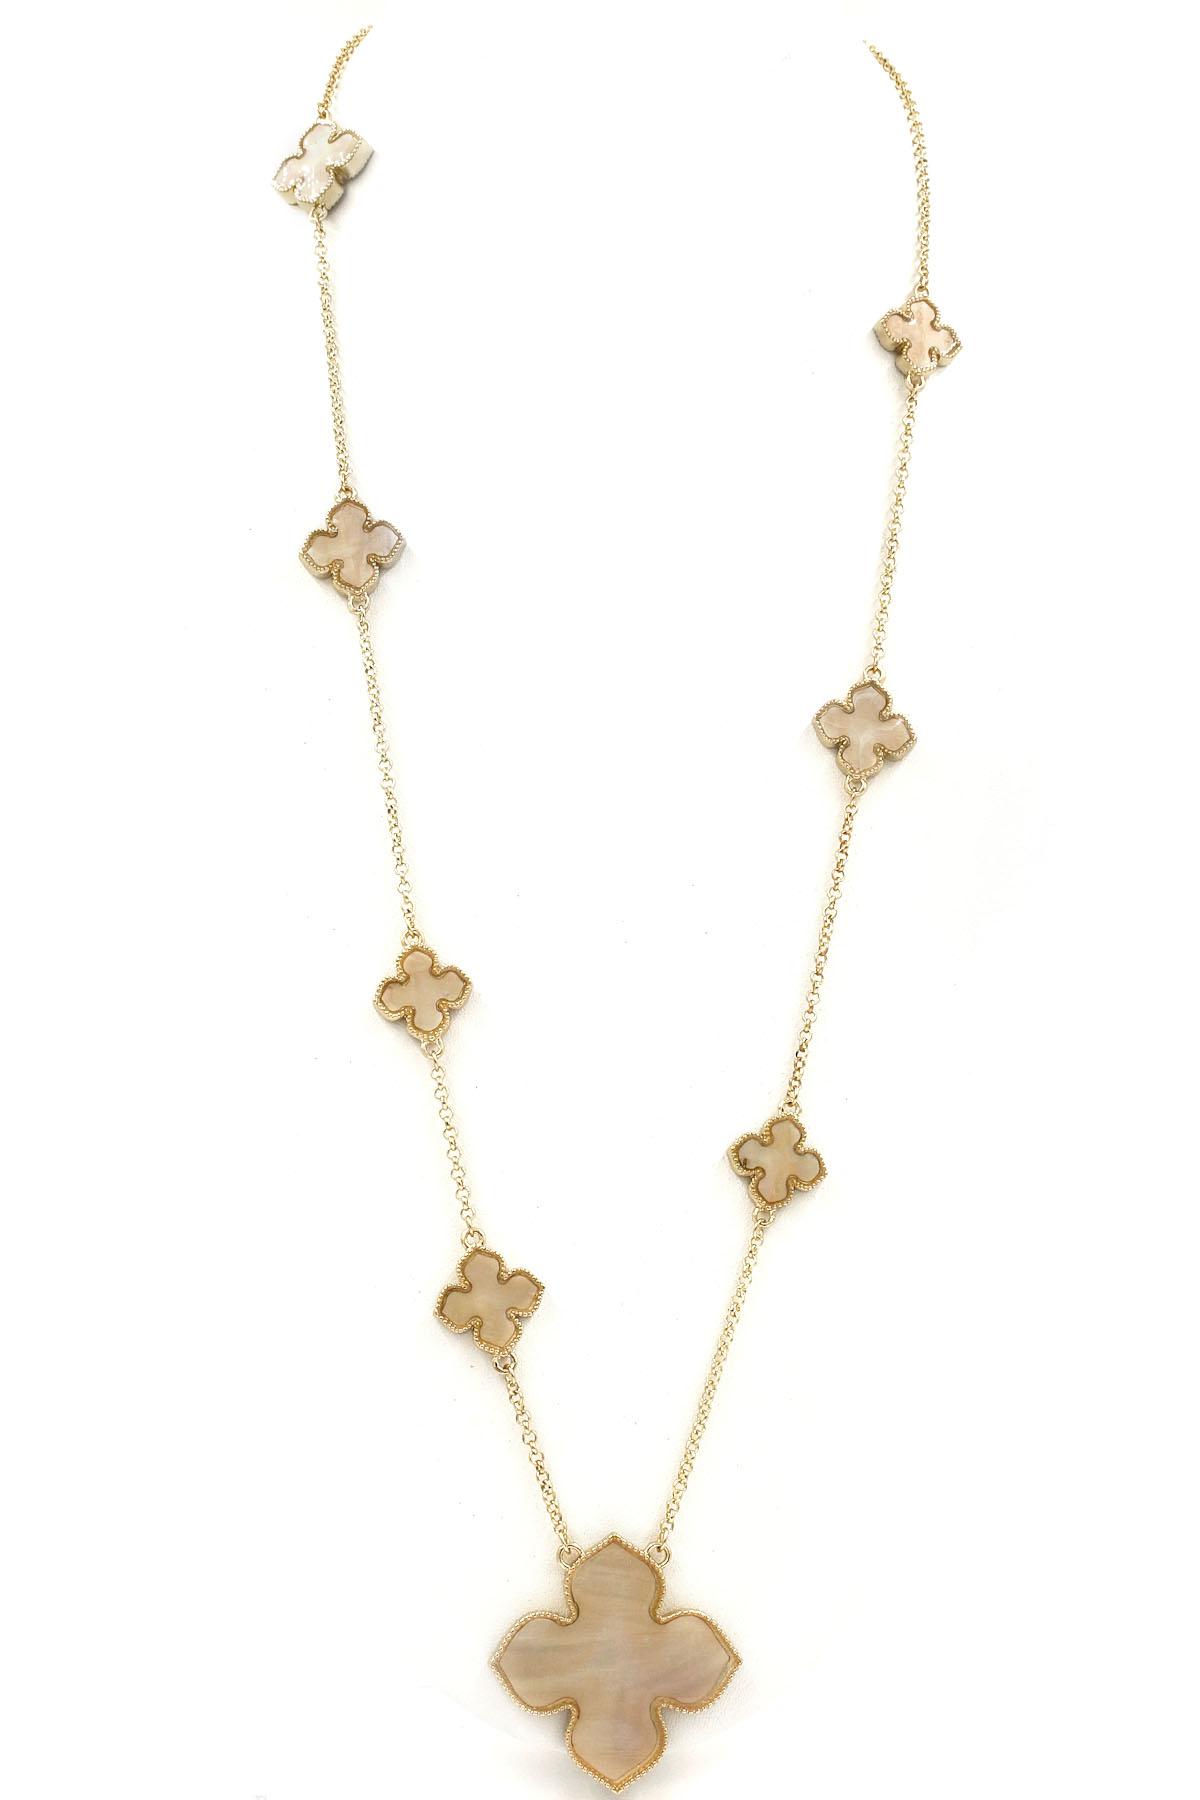 Quatrefoil pendant station necklace necklaces quatrefoil pendant station necklace aloadofball Choice Image